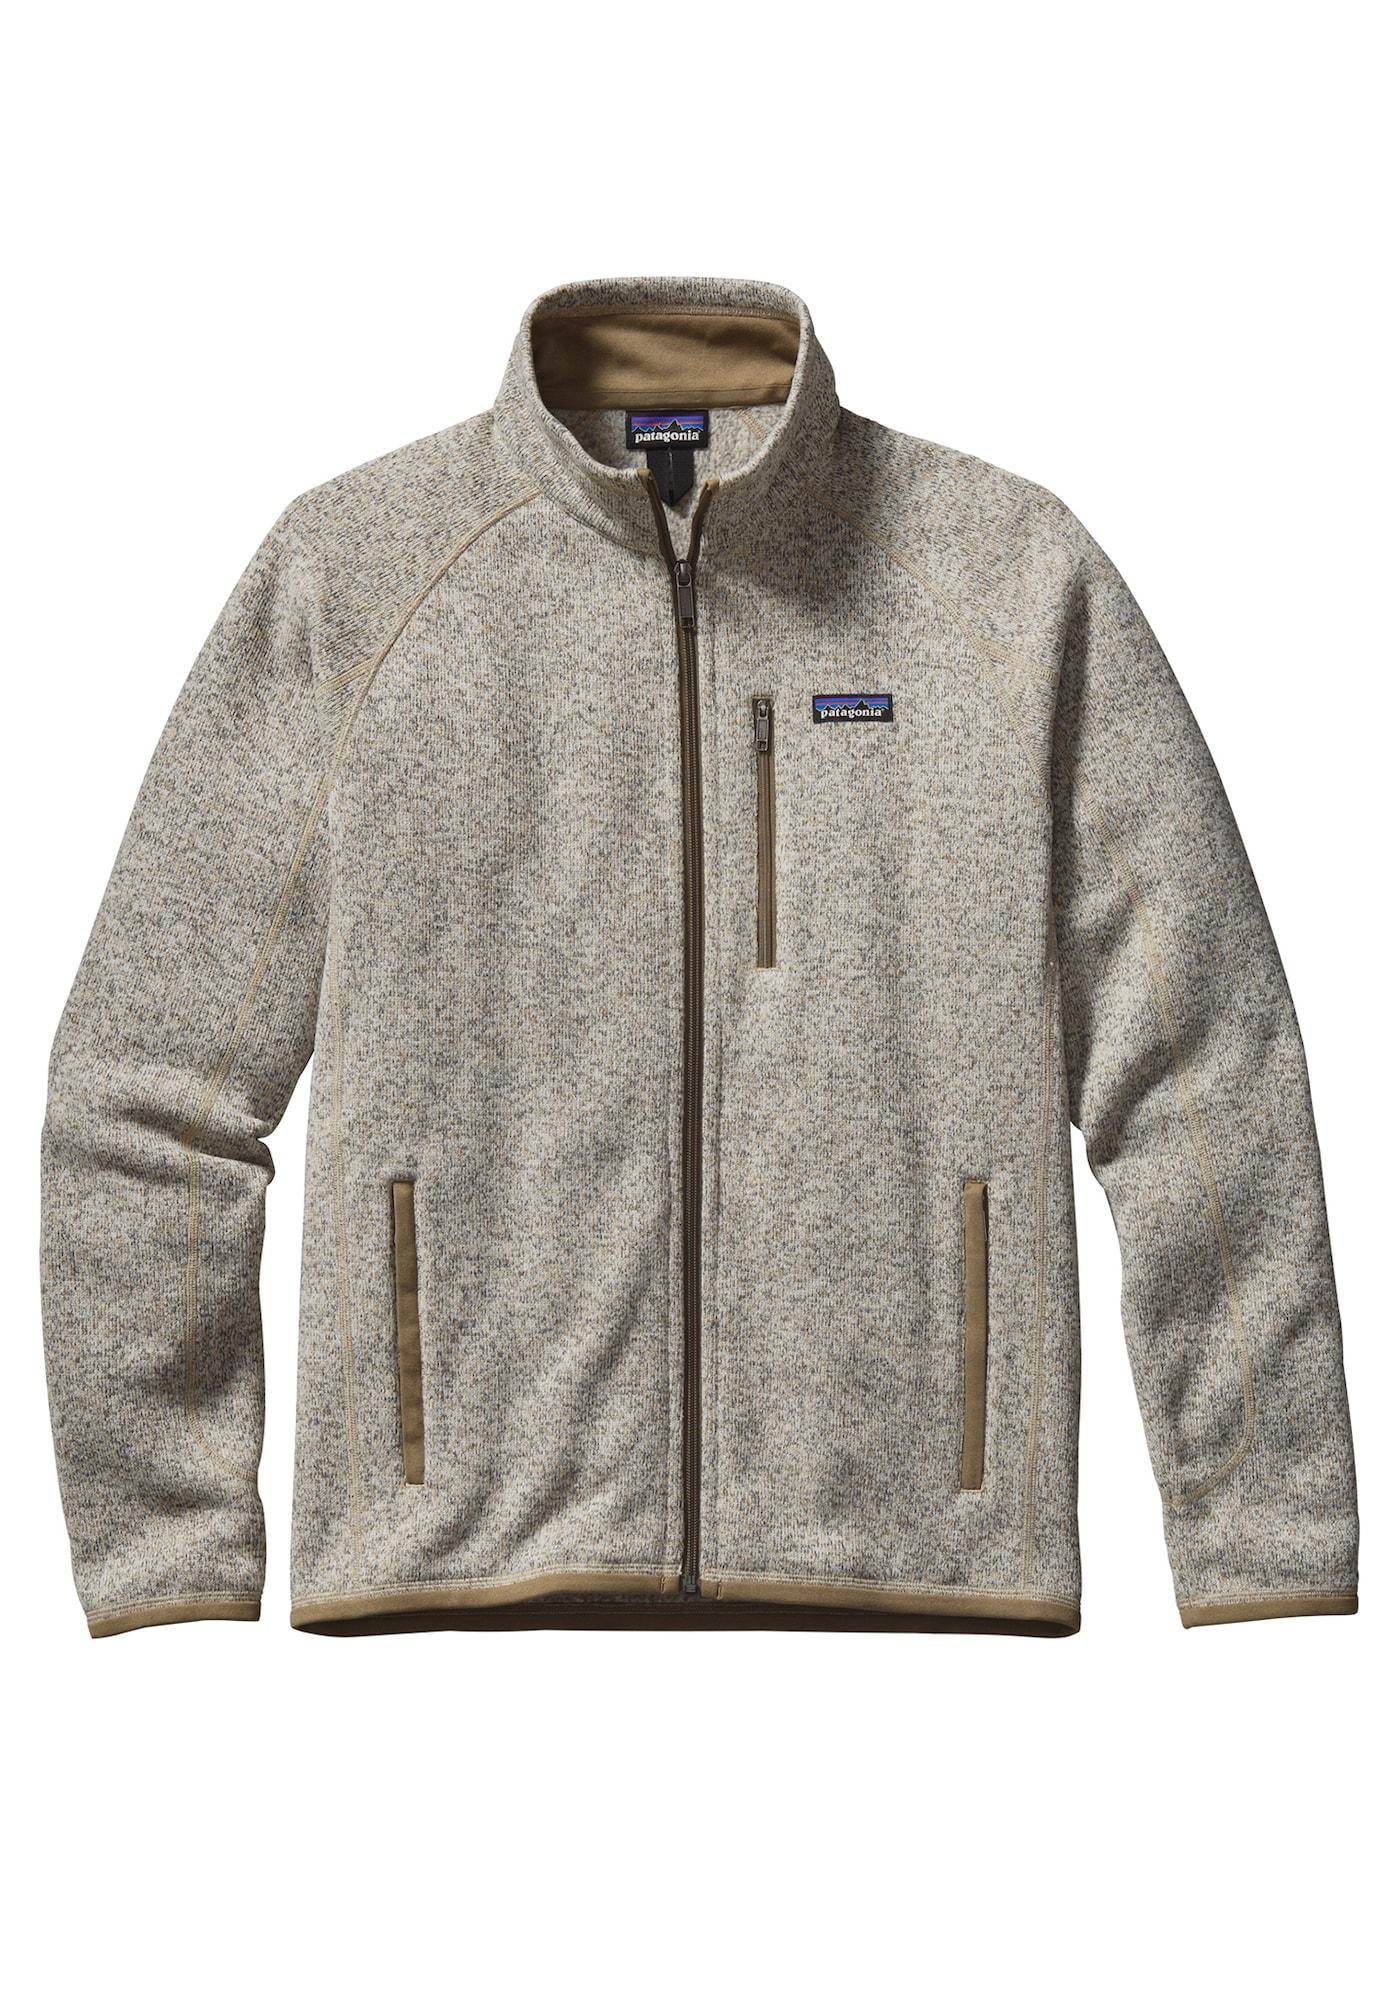 'Better Sweater' Fleecejacke | Bekleidung > Jacken > Fleecejacken | Patagonia